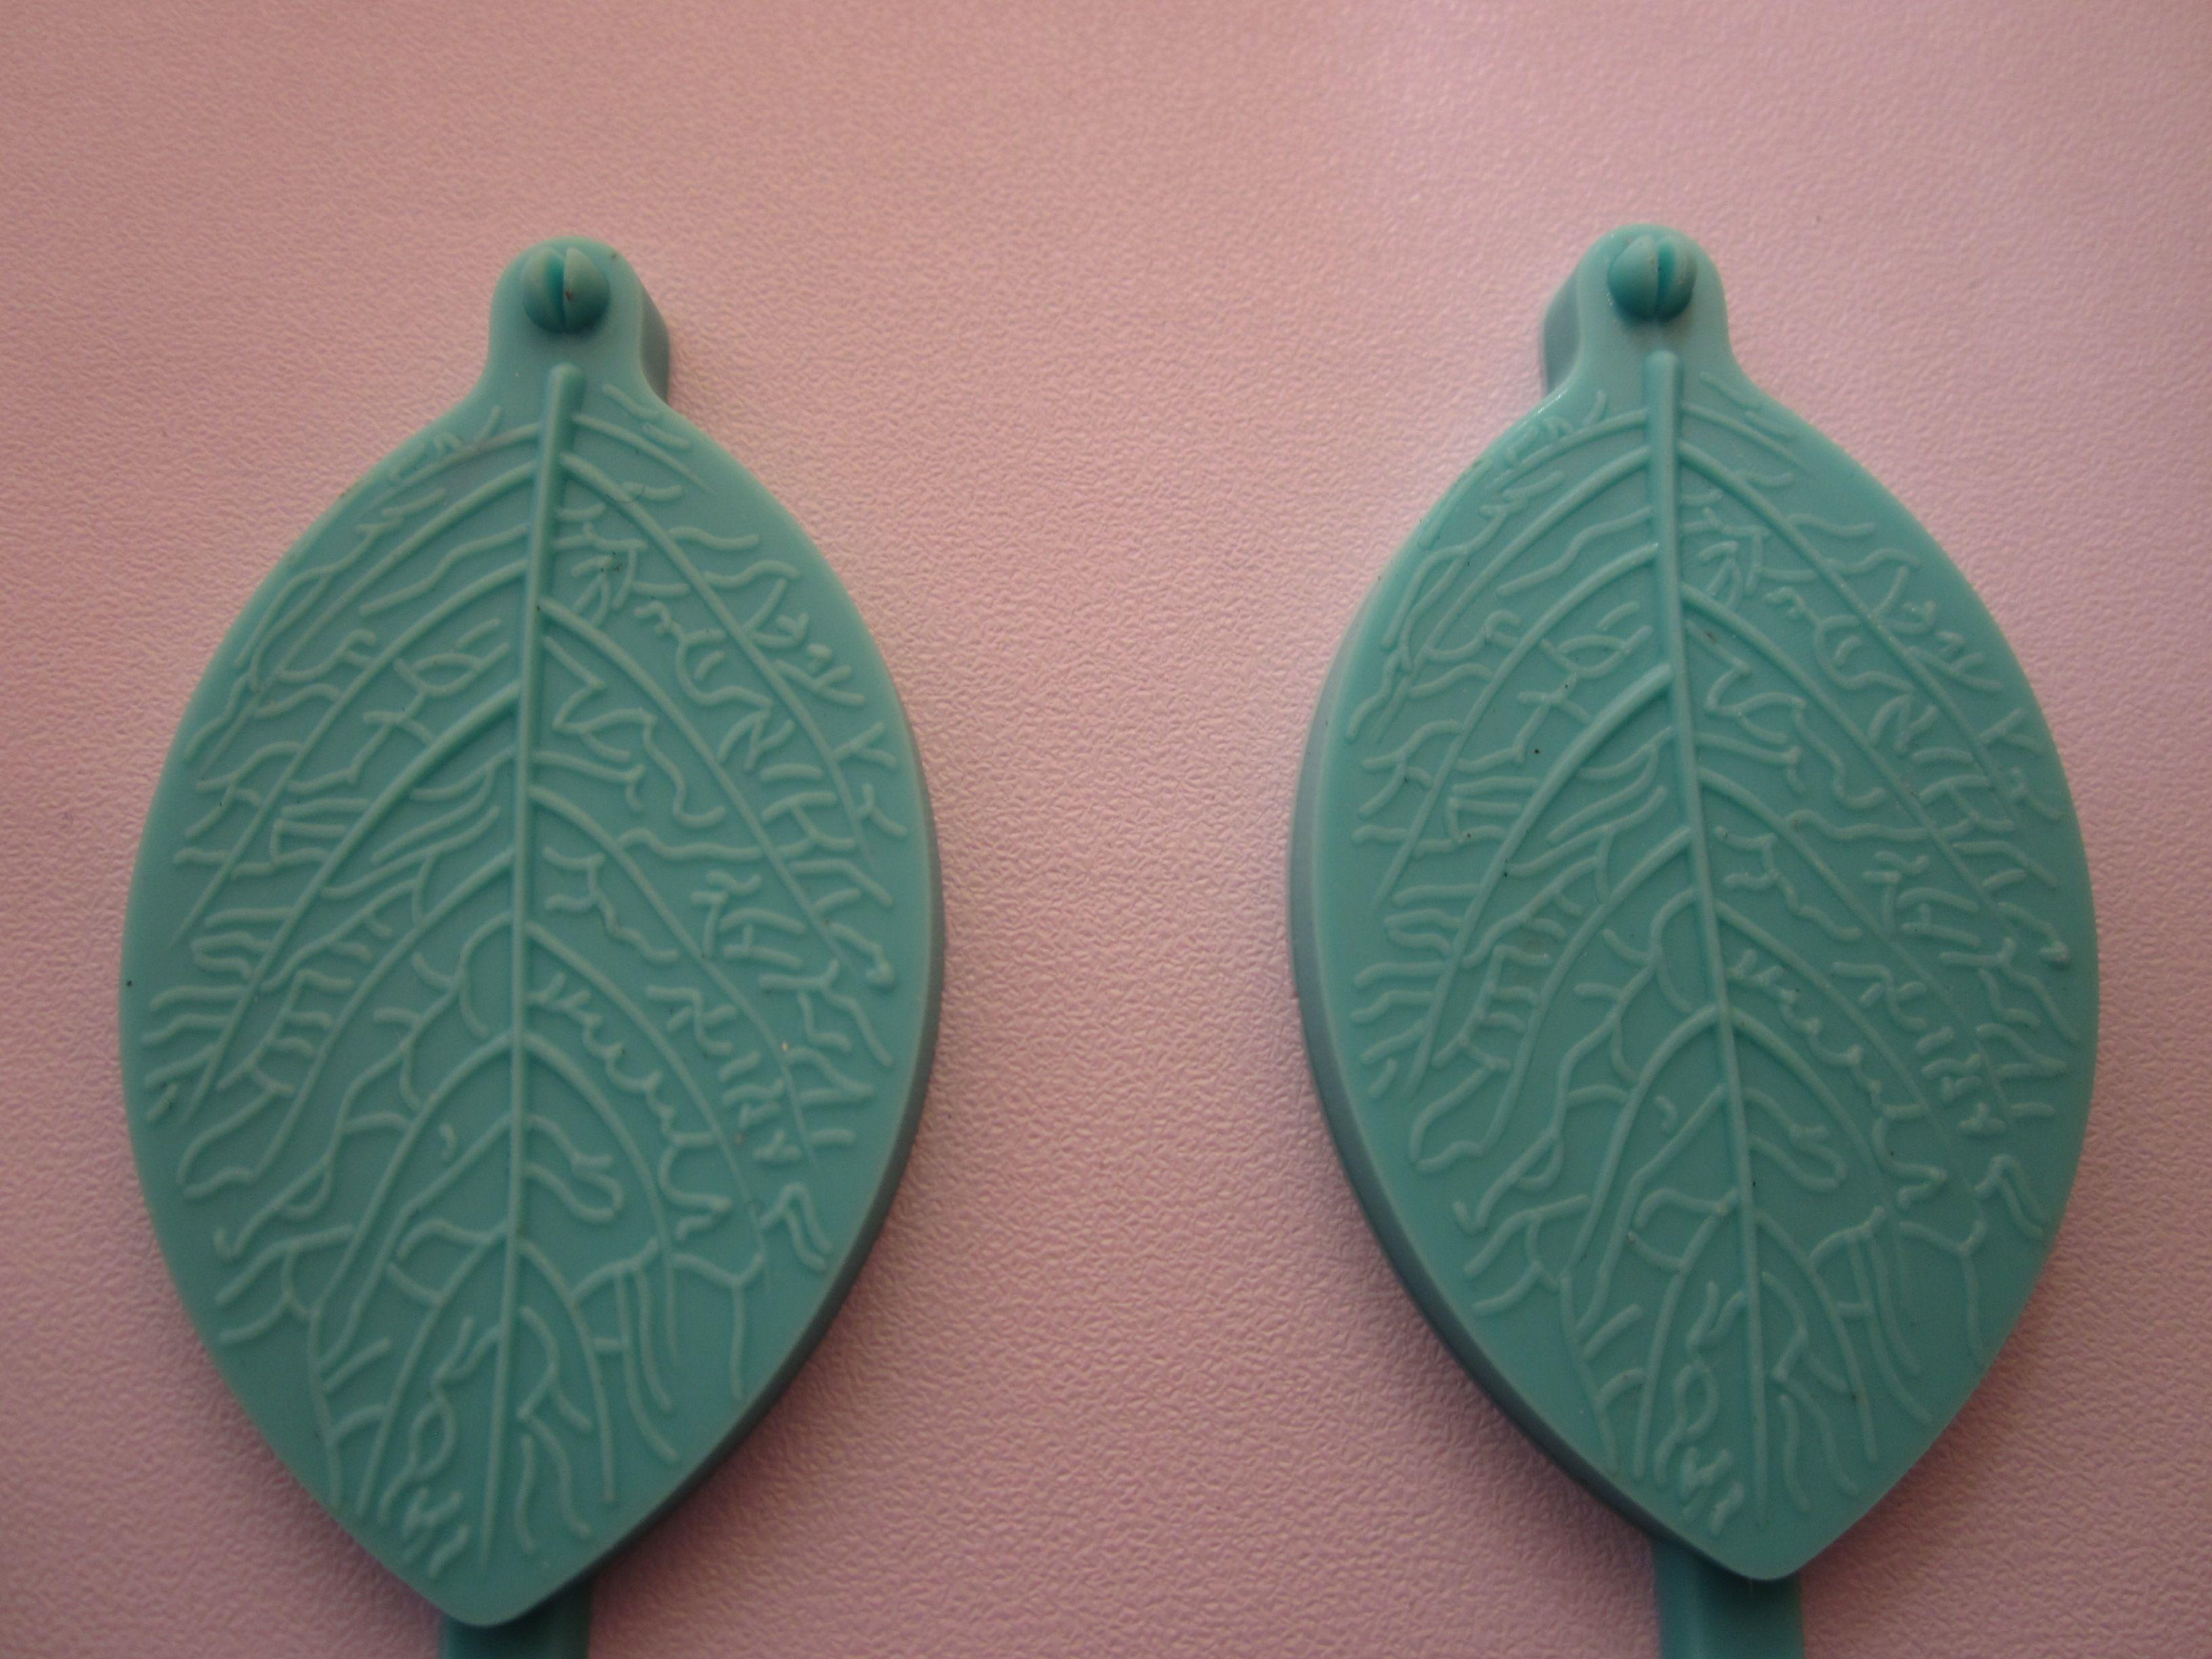 30 teile / los 100% silikonblätter form / fondantform / kuchen dekorieren form / kuchen dekorative tools + kostenloser versand